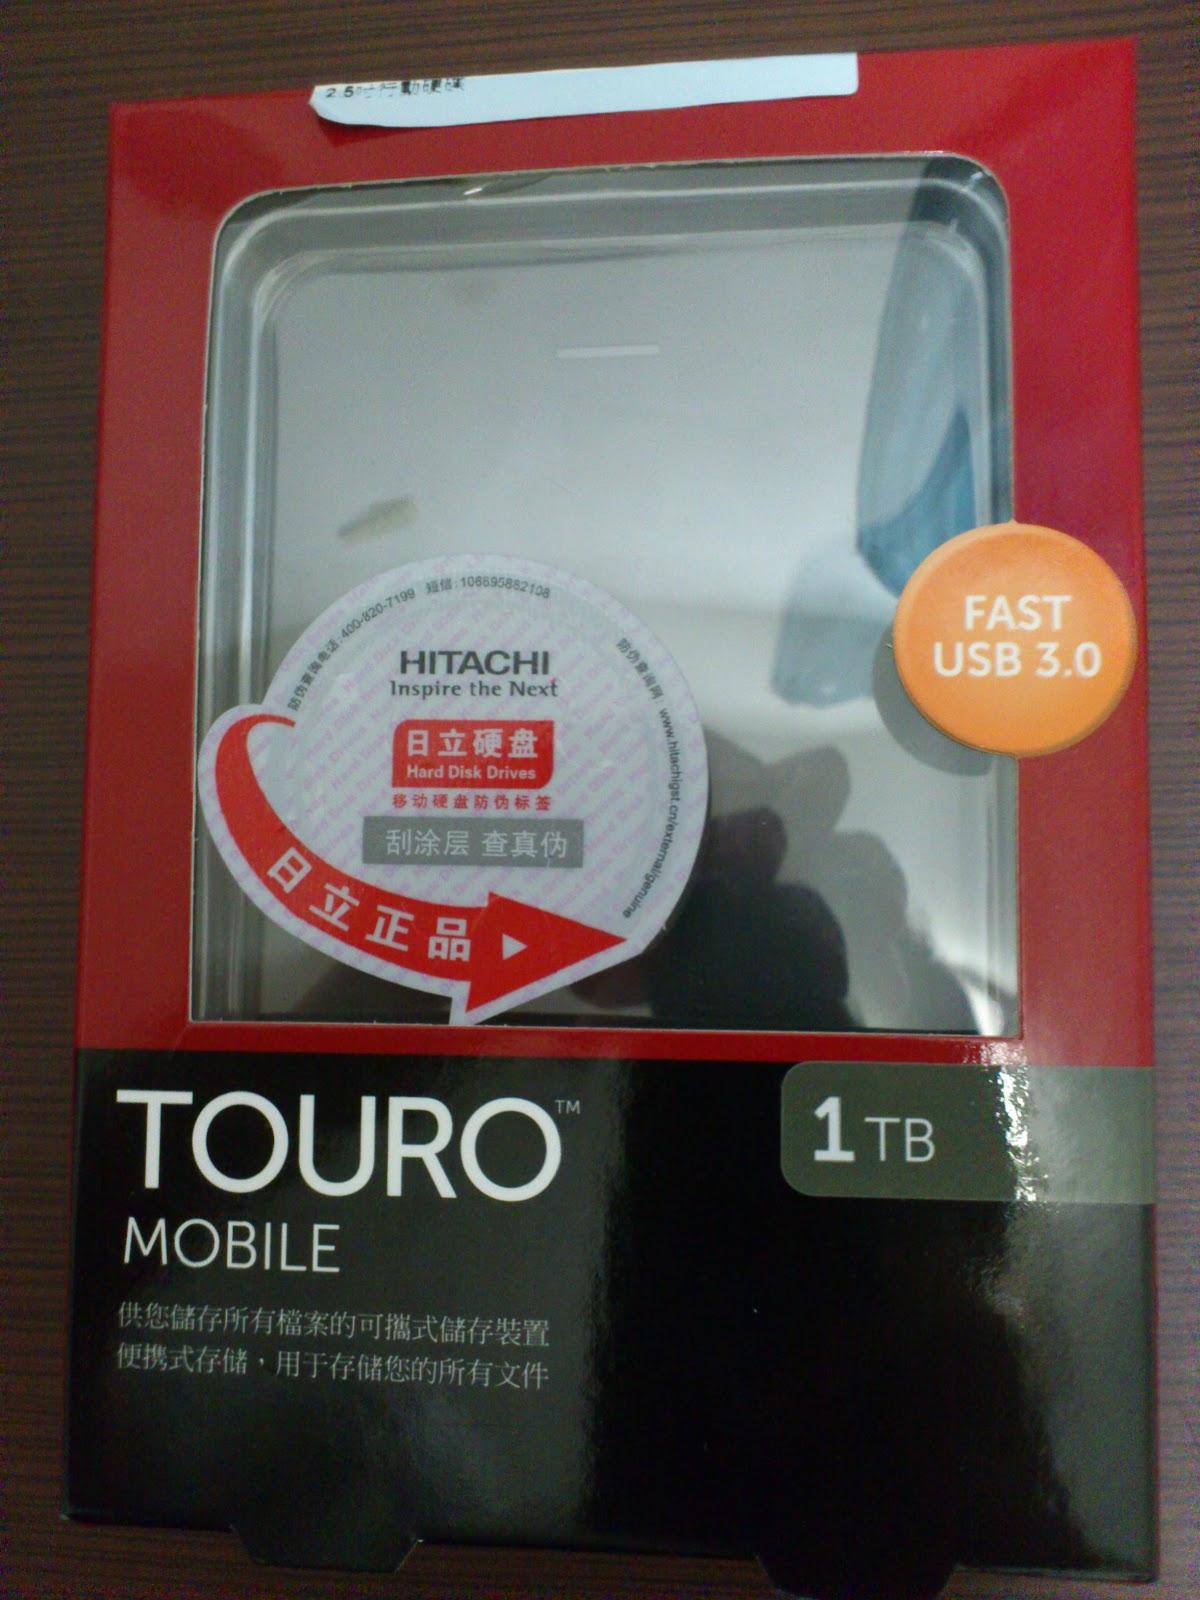 JC: HITACHI Touro Mobile 1TB USB3.0 2.5吋 行動硬碟 開箱測試